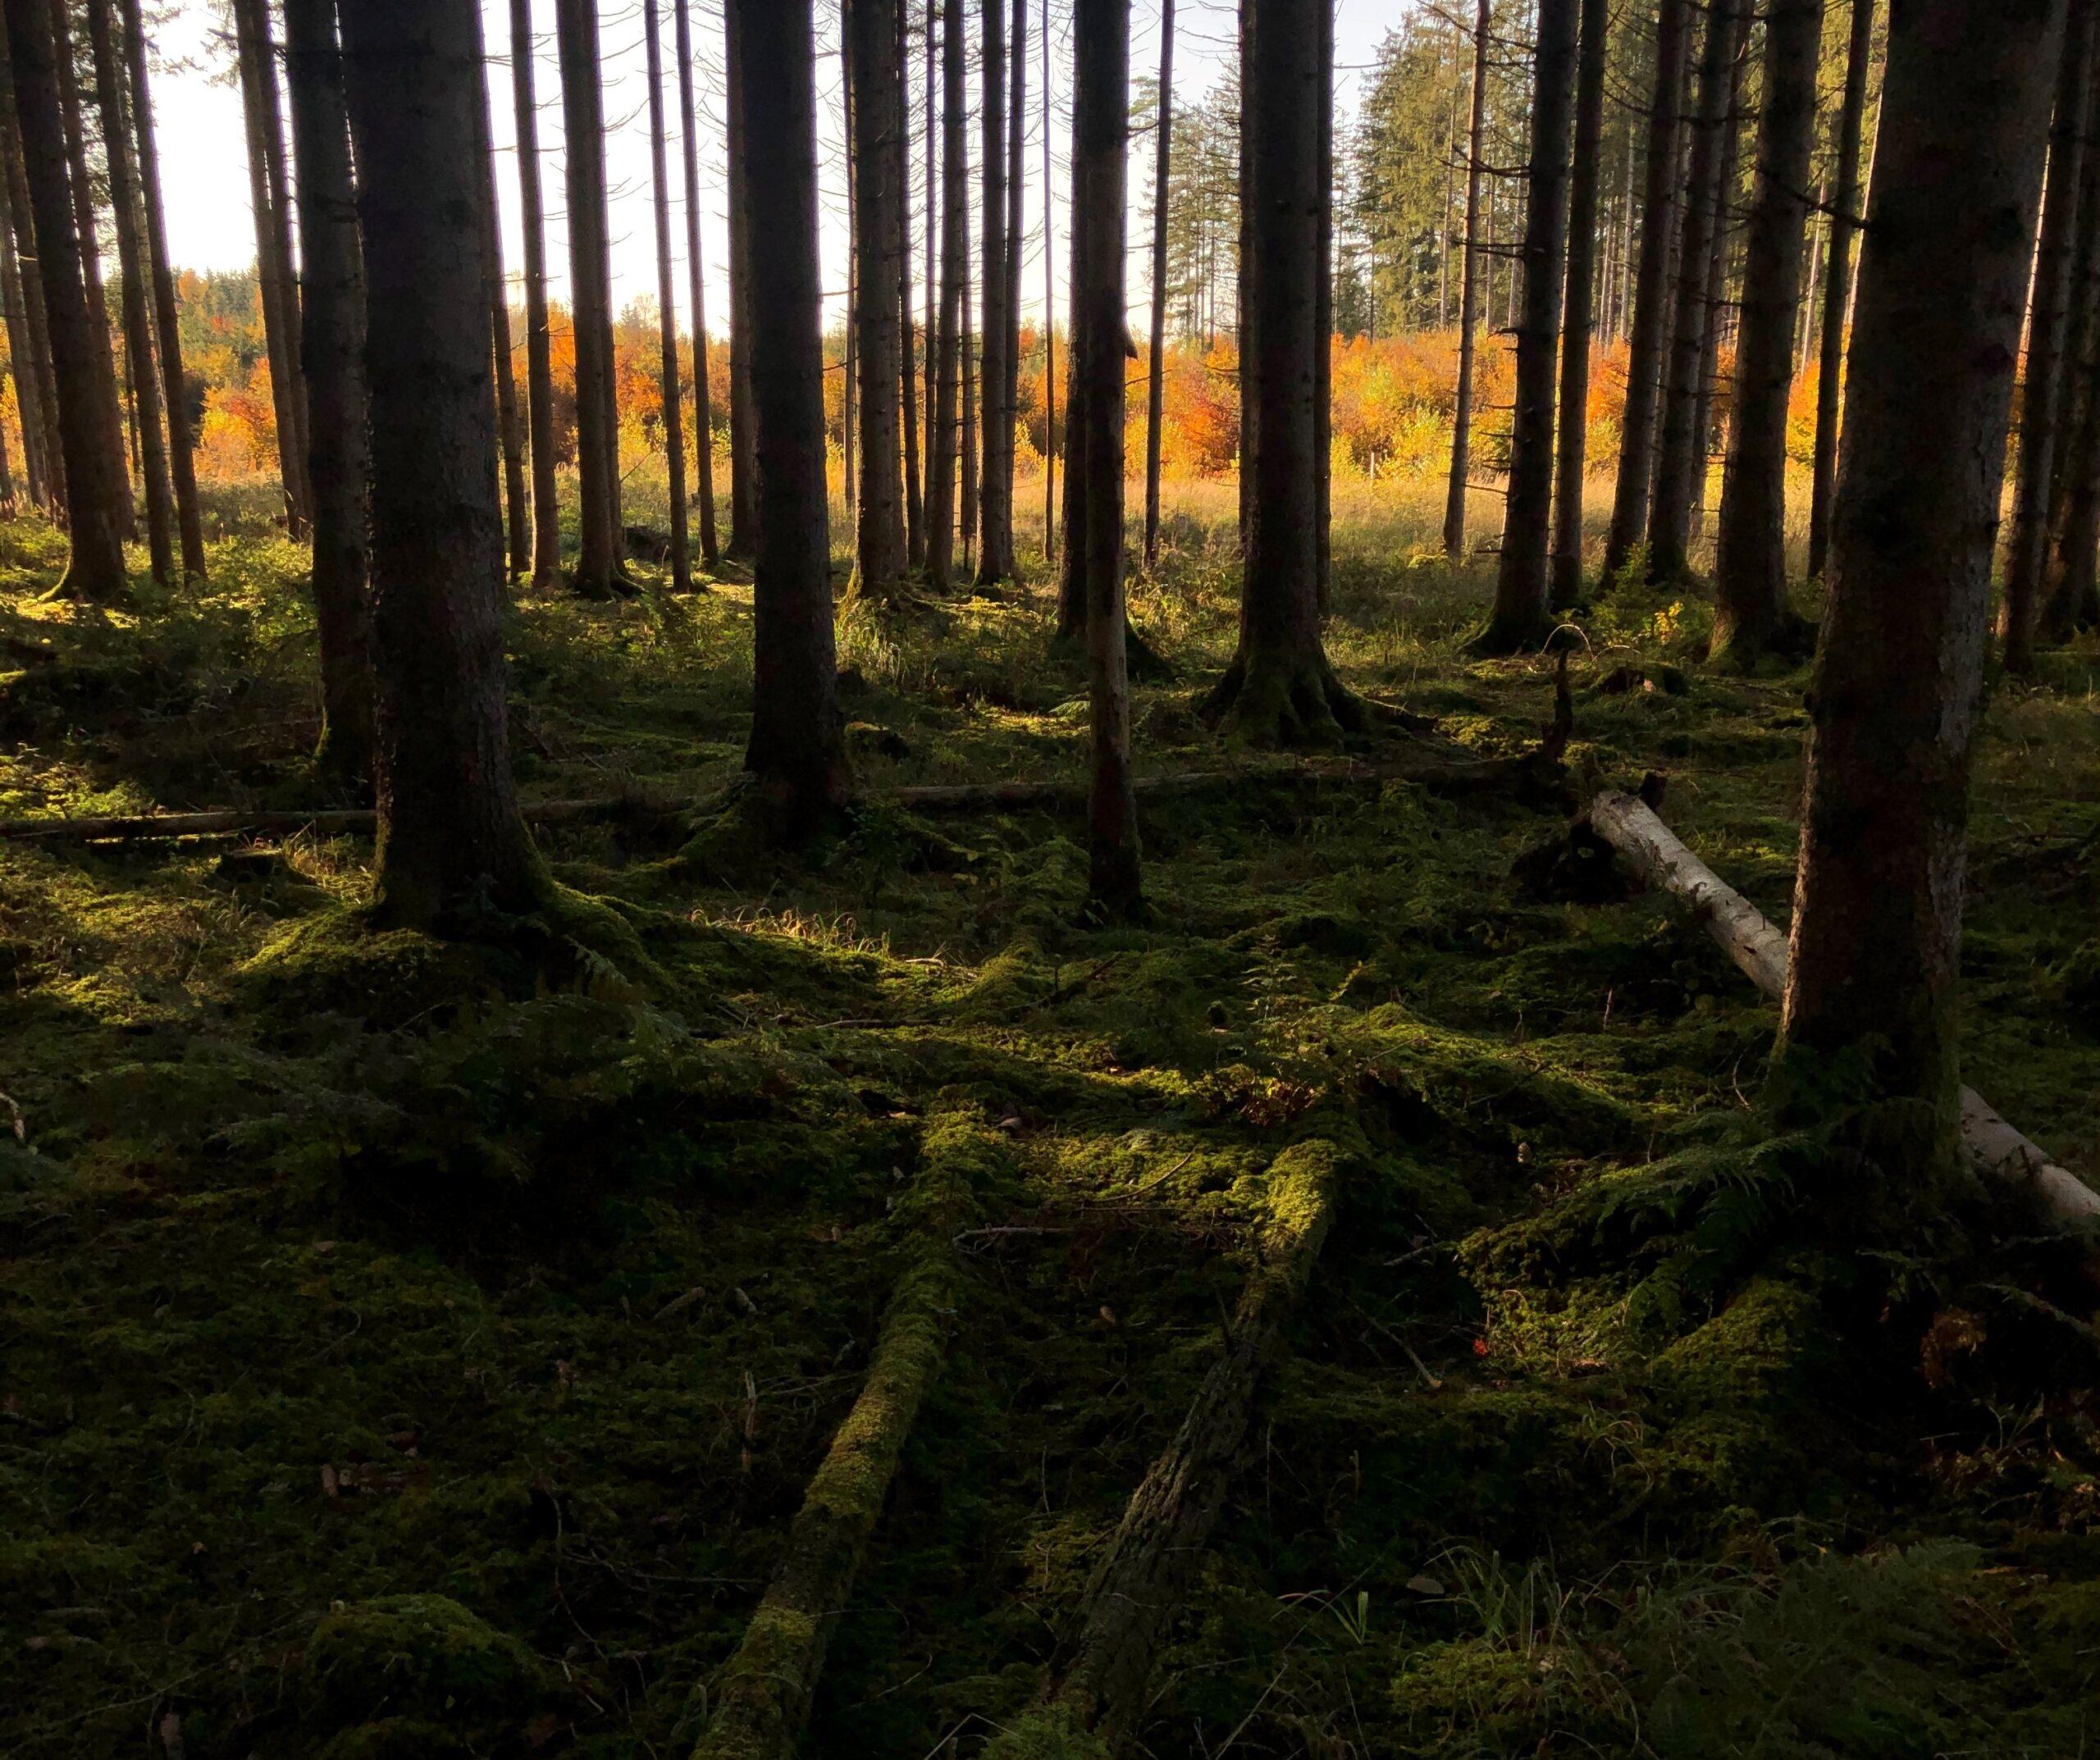 Адаптація лісу до зміни клімату: реструктуризація Тюринзького лісу